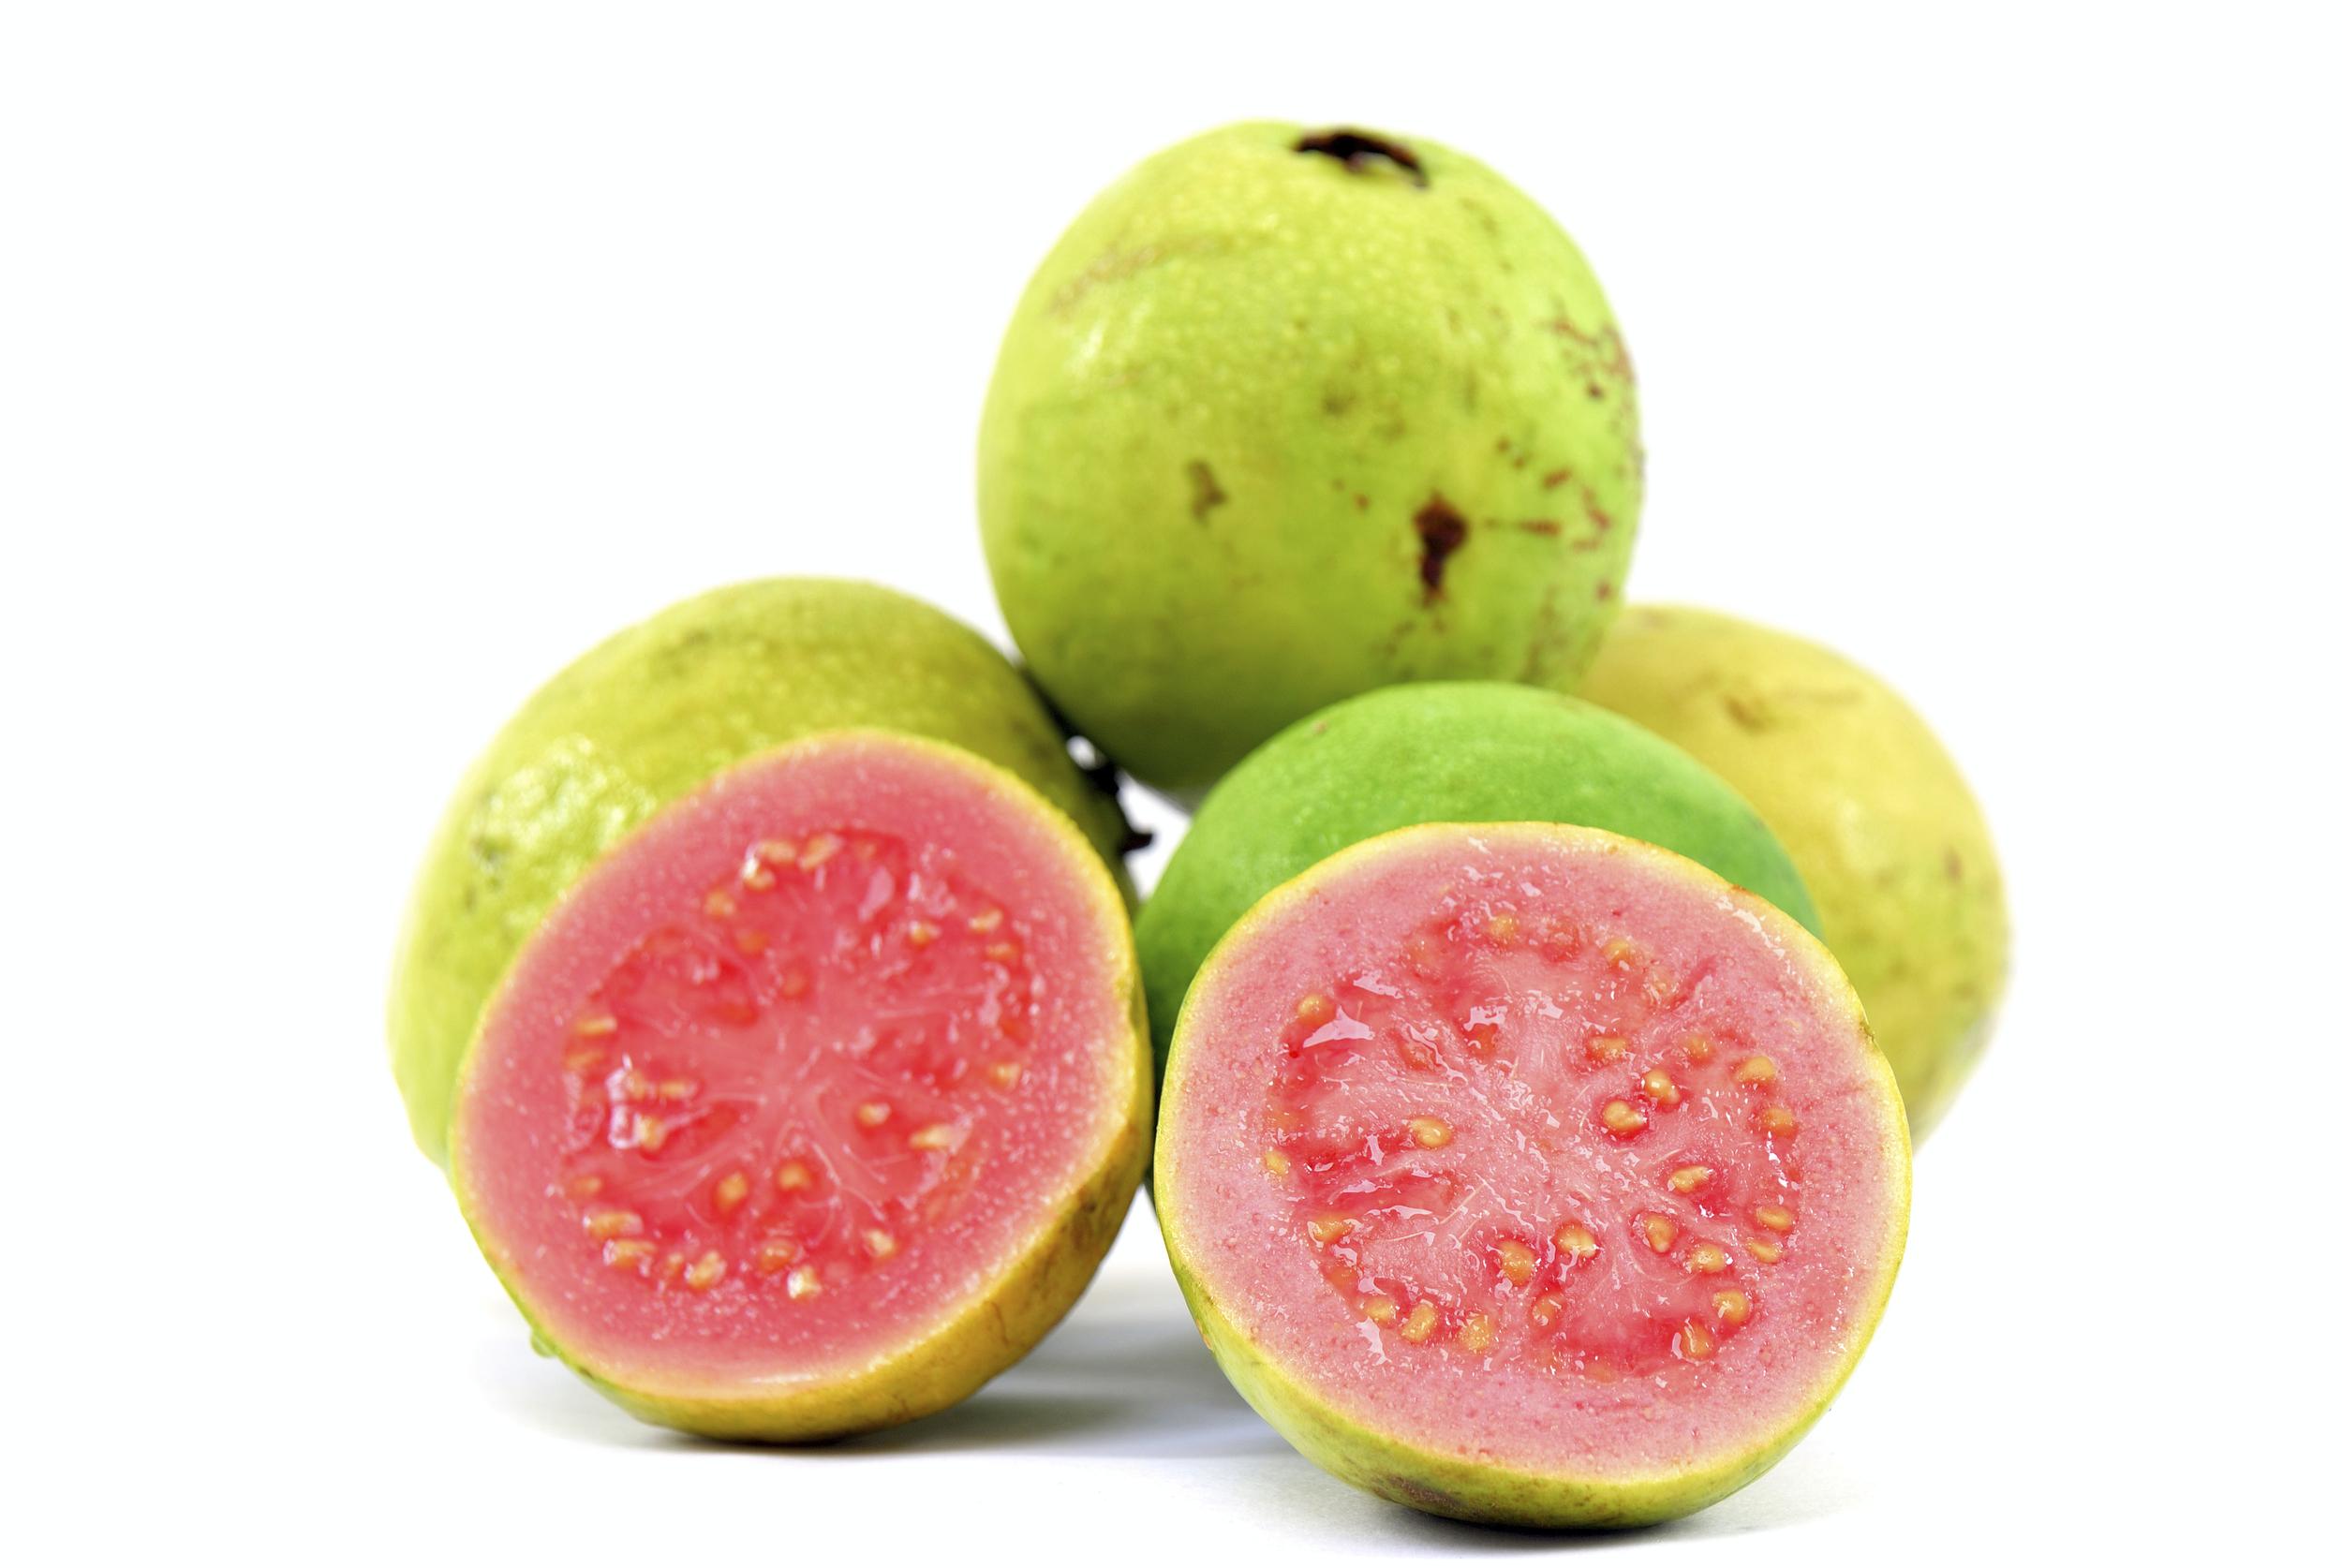 bunch of guava.jpg